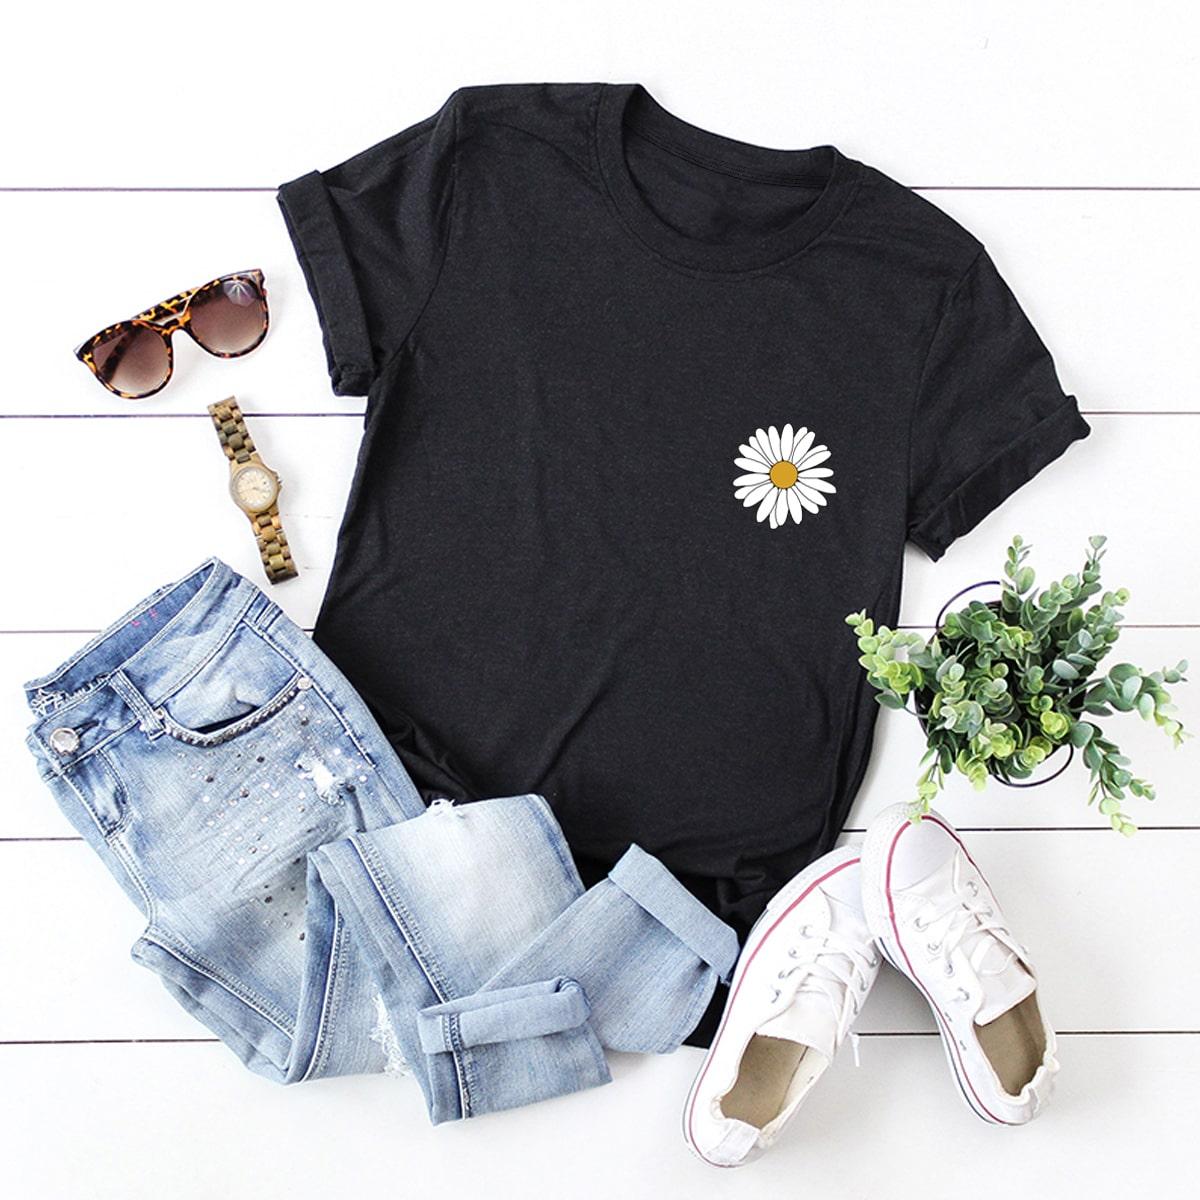 Camiseta de cuello redondo con estampado de margarita